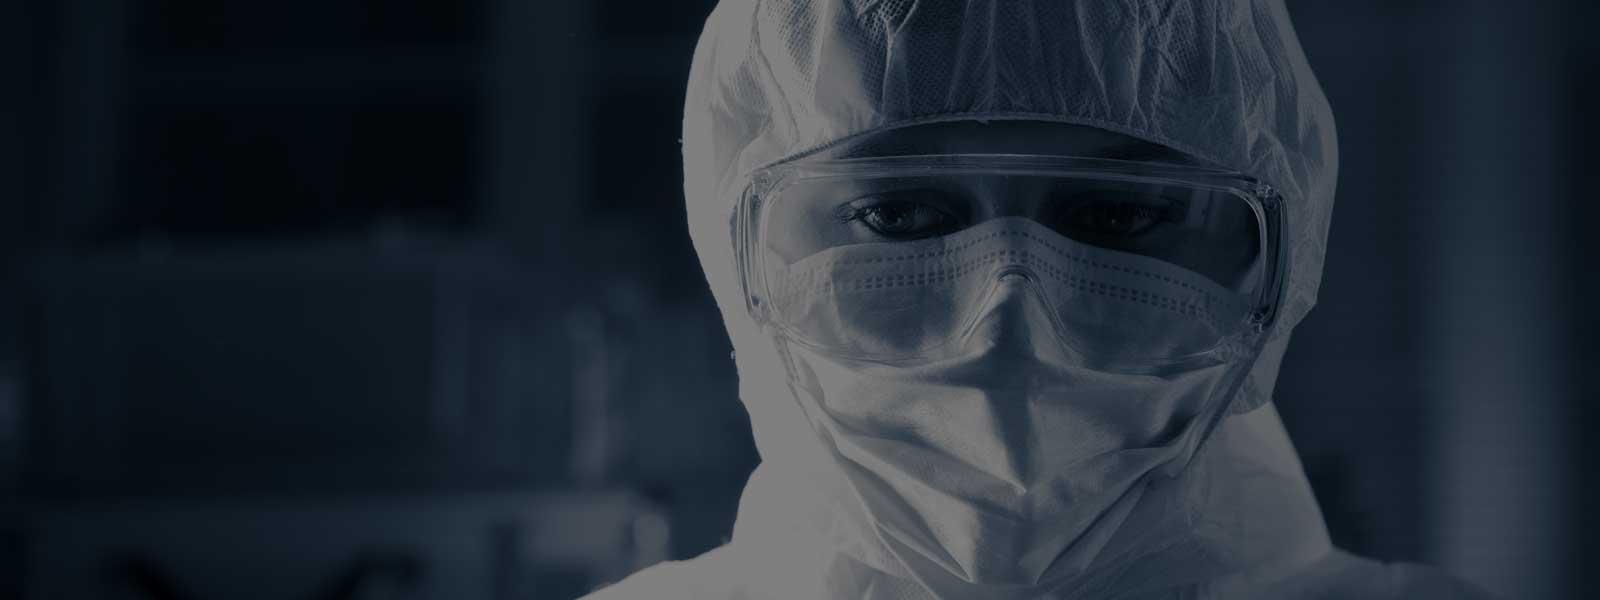 Researcher Wearing Hazmat Suit